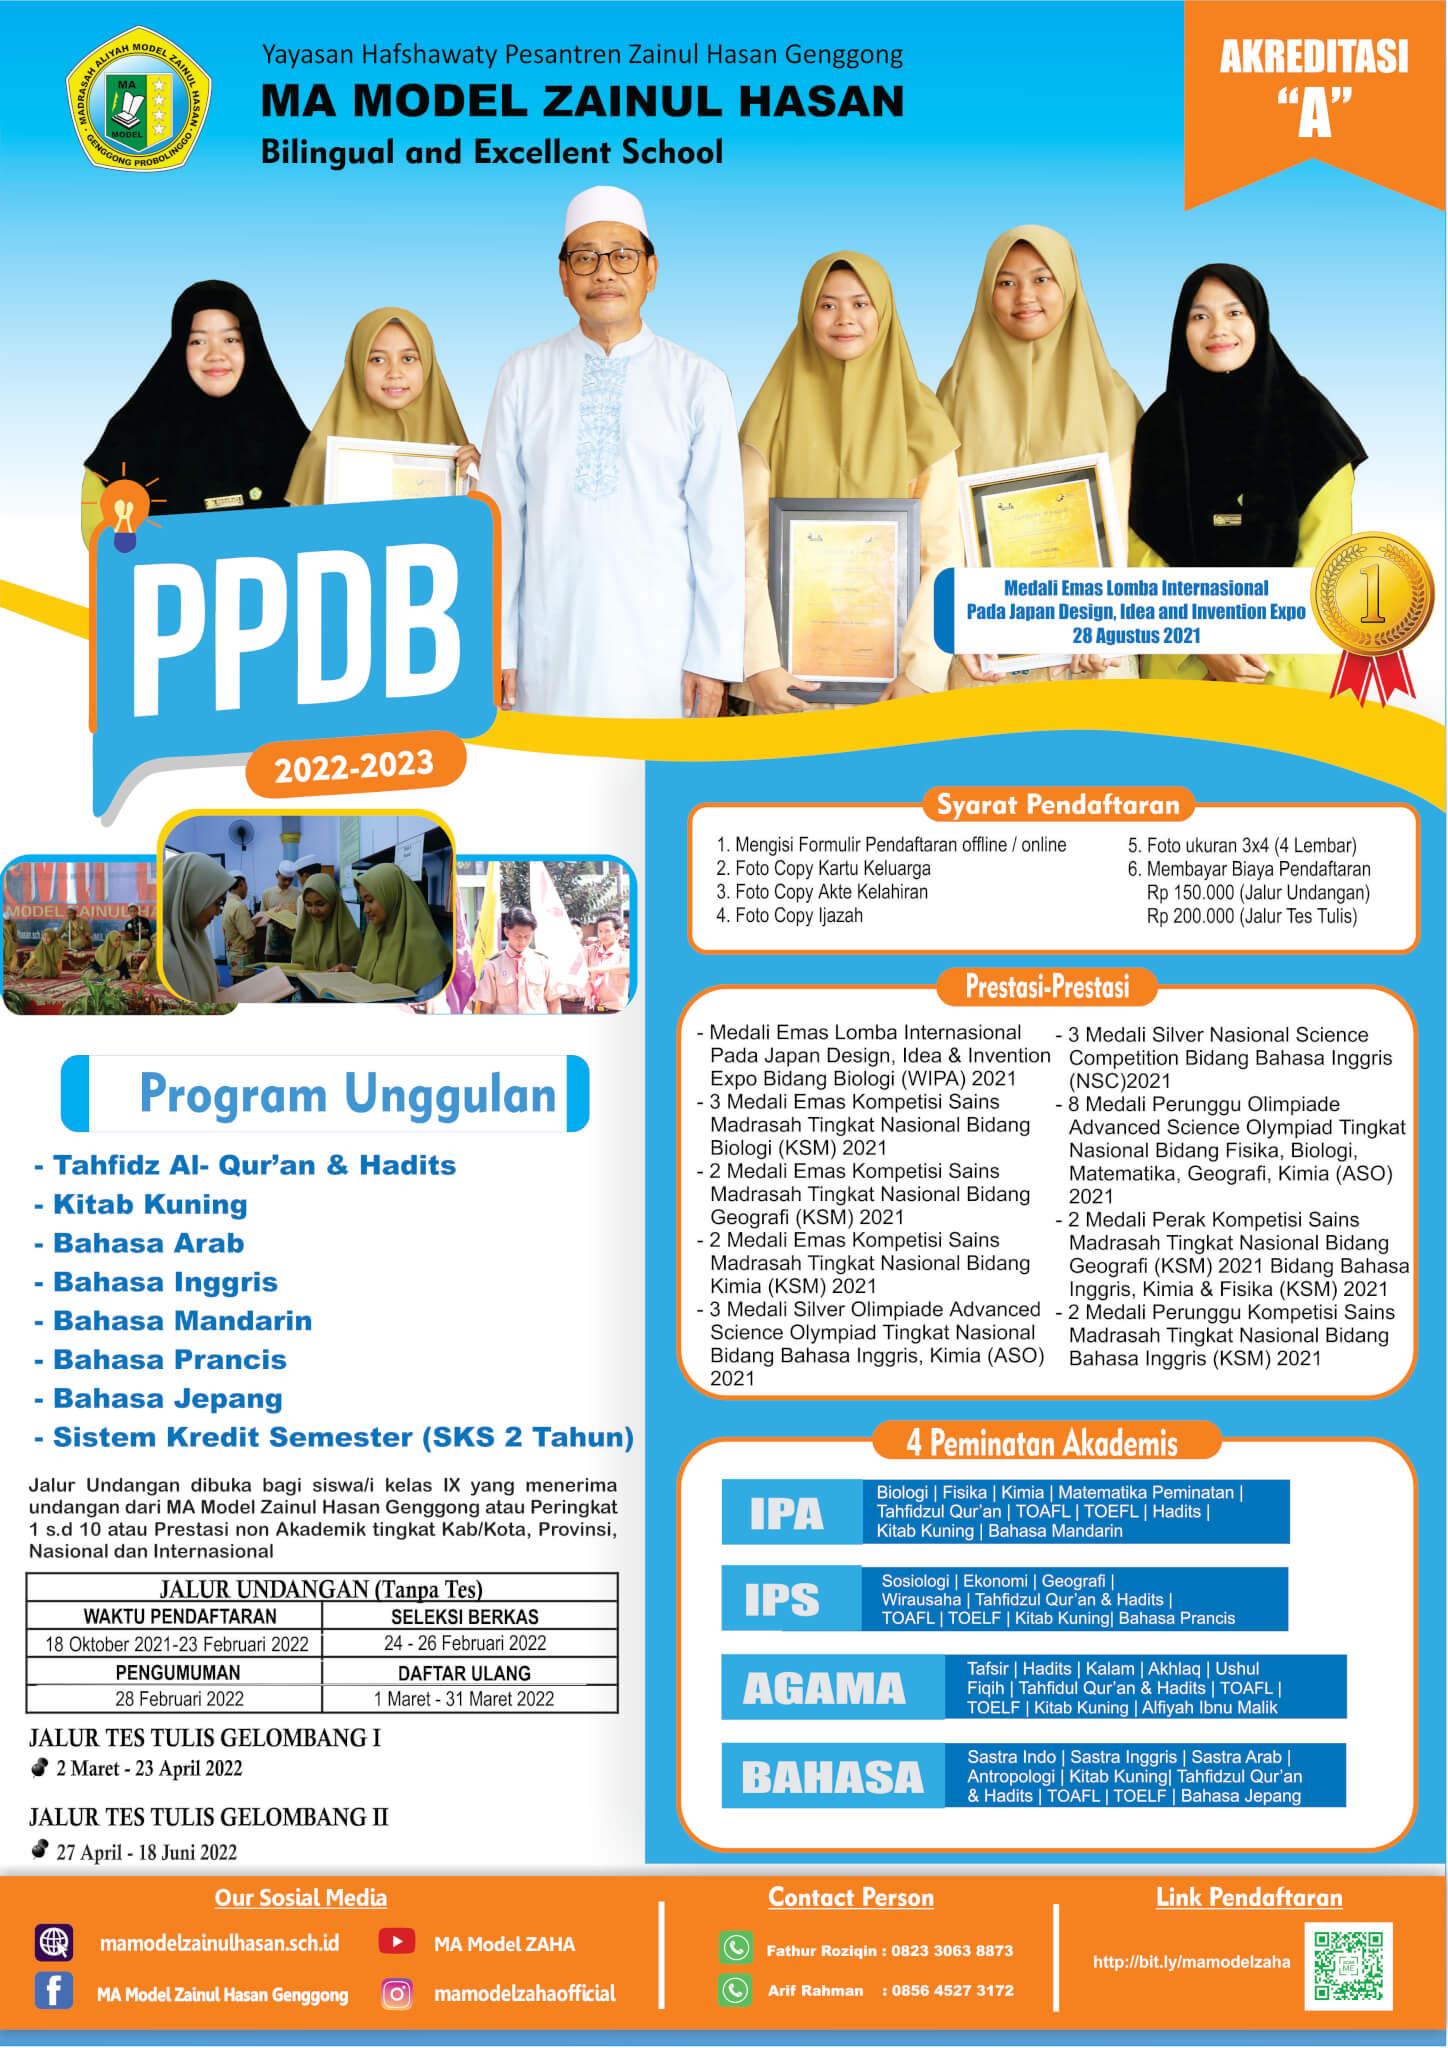 Pendaftaran PPDB MA Model Zaha Dibuka Hari Ini